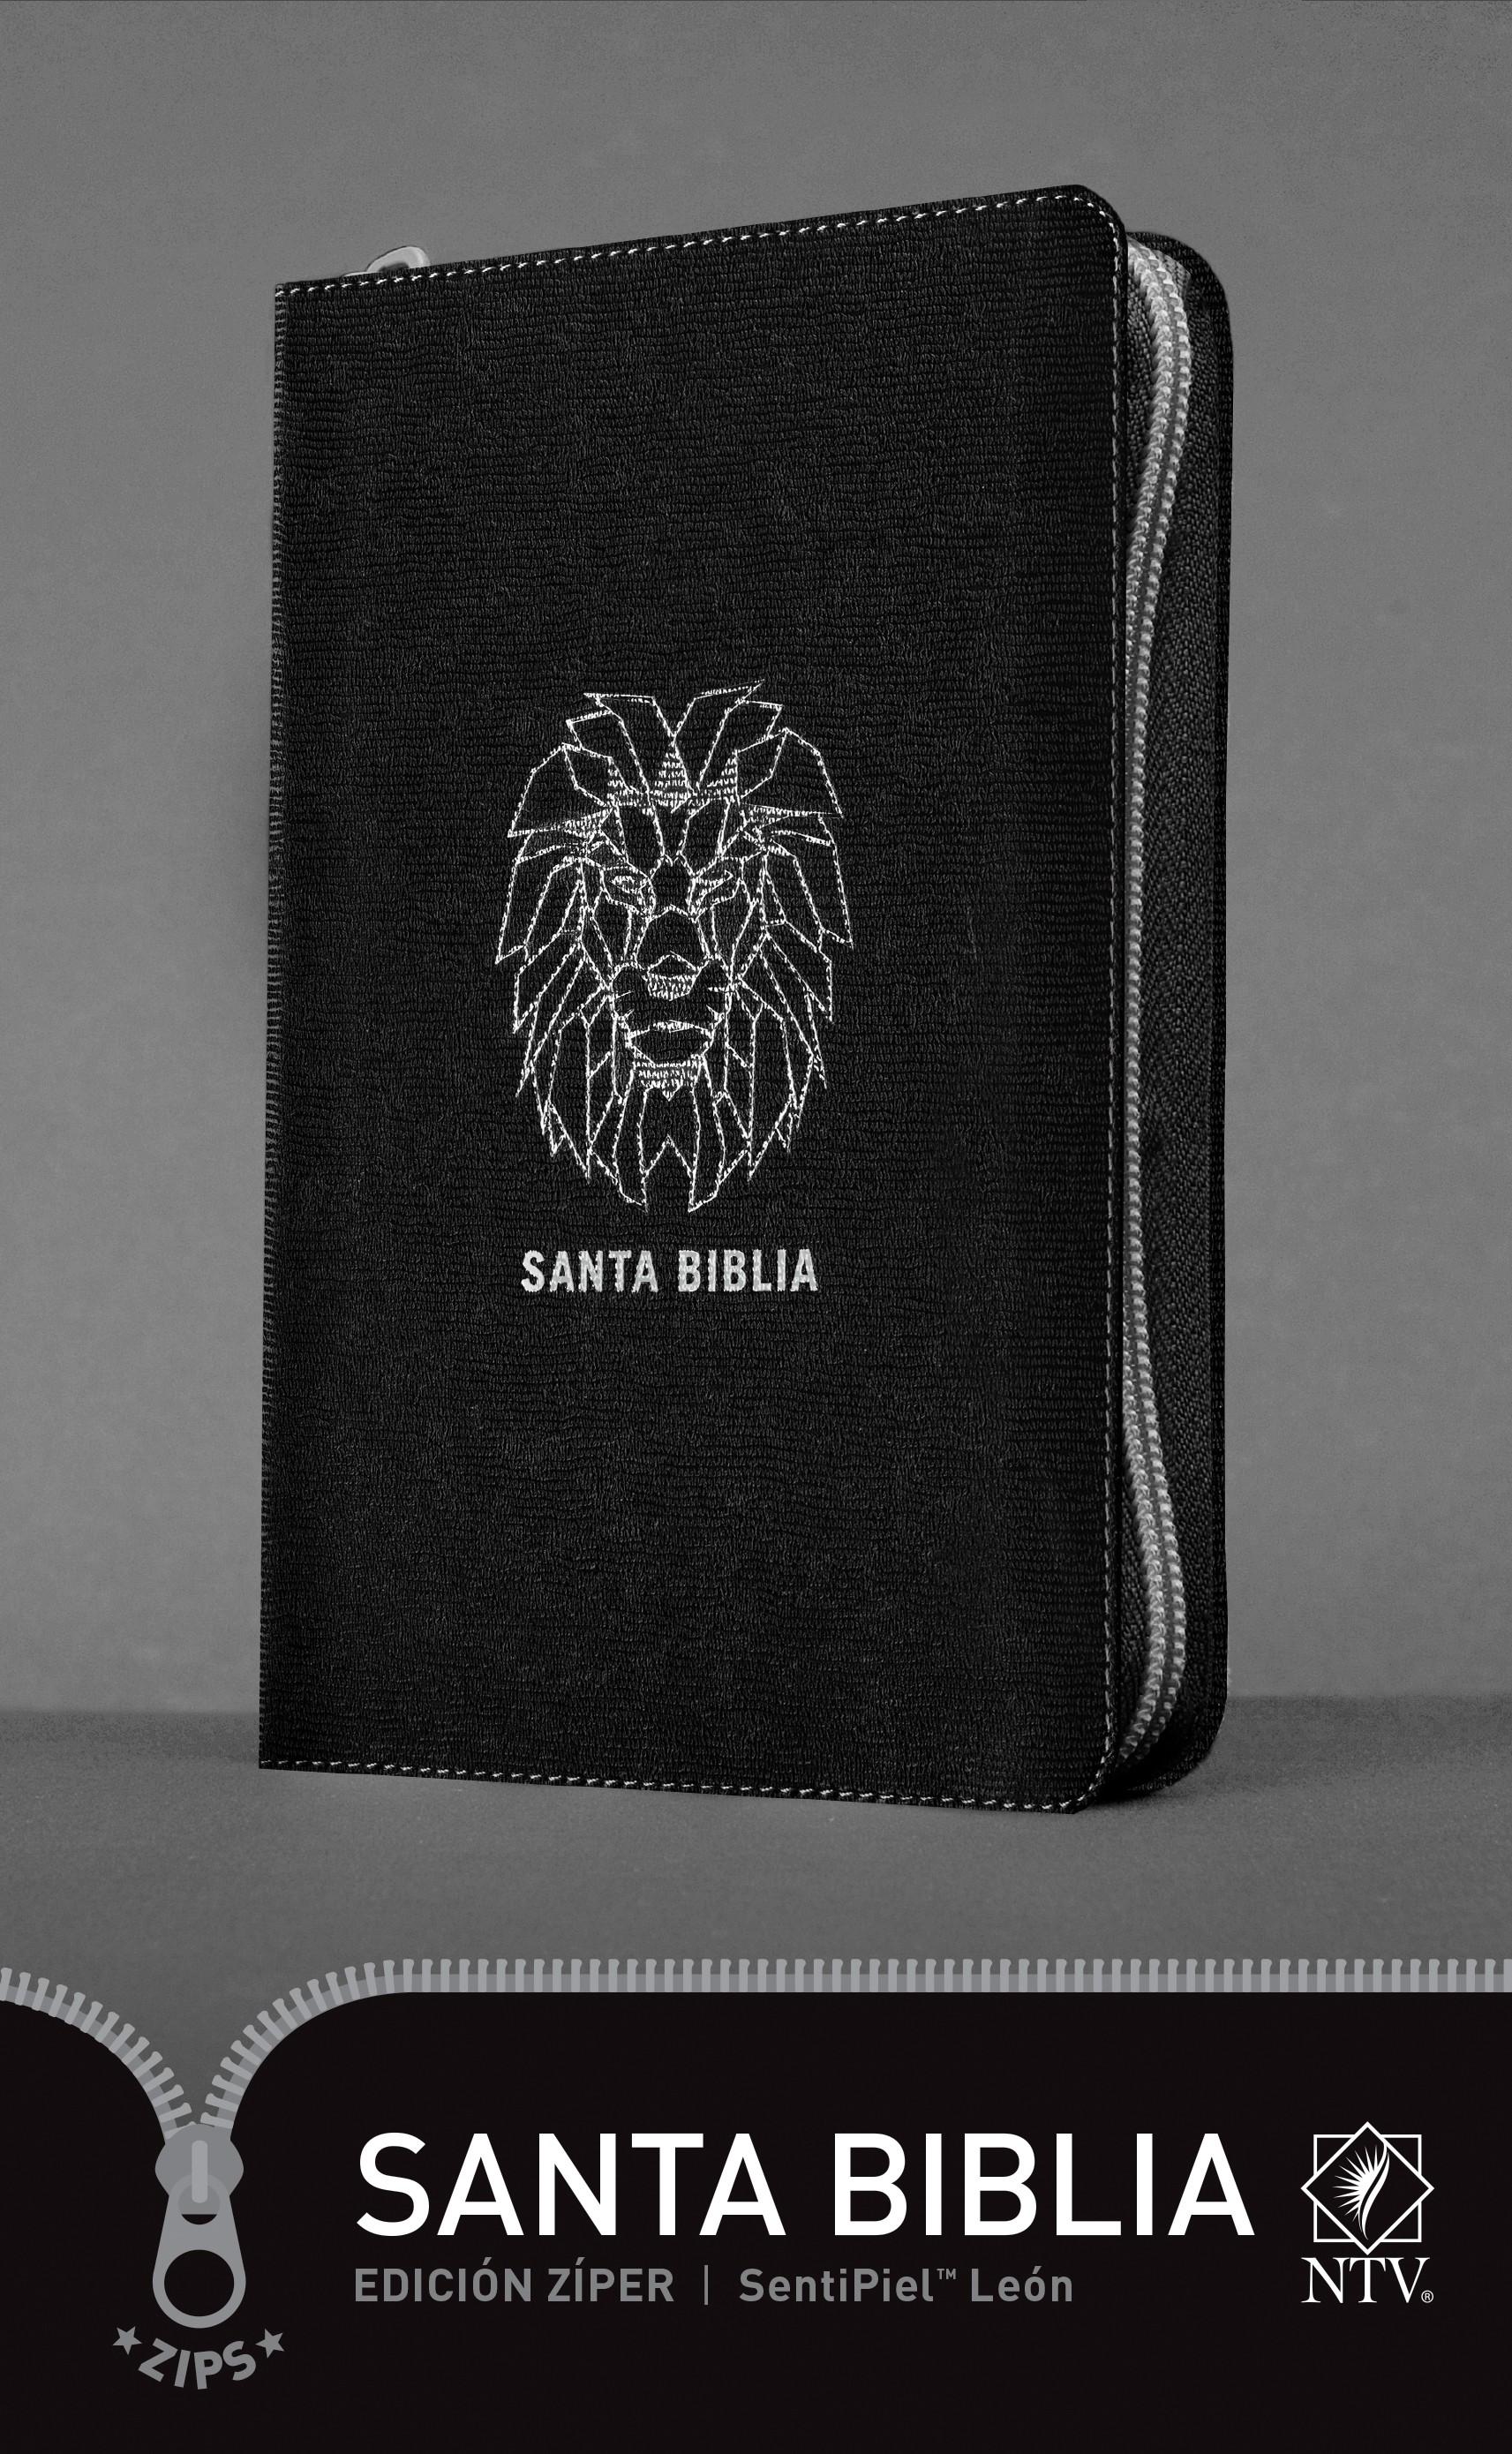 Santa Biblia NTV, Edición zíper, León (SentiPiel, Negro)